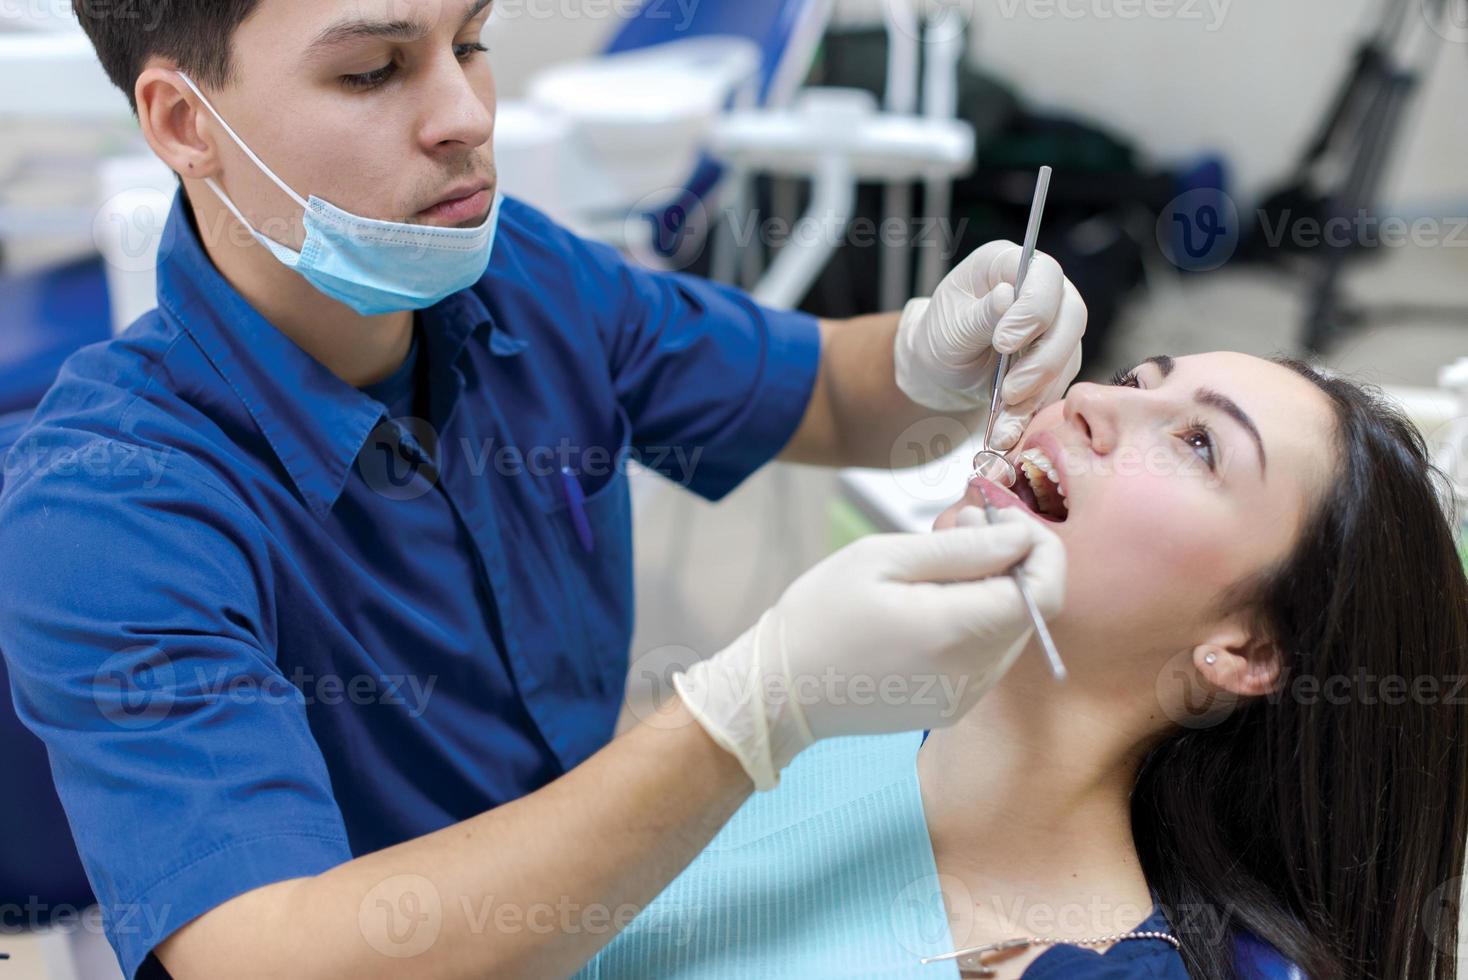 das perfekte Lächeln und die perfekten Zähne. selbstbewusste professionelle Doktrin foto